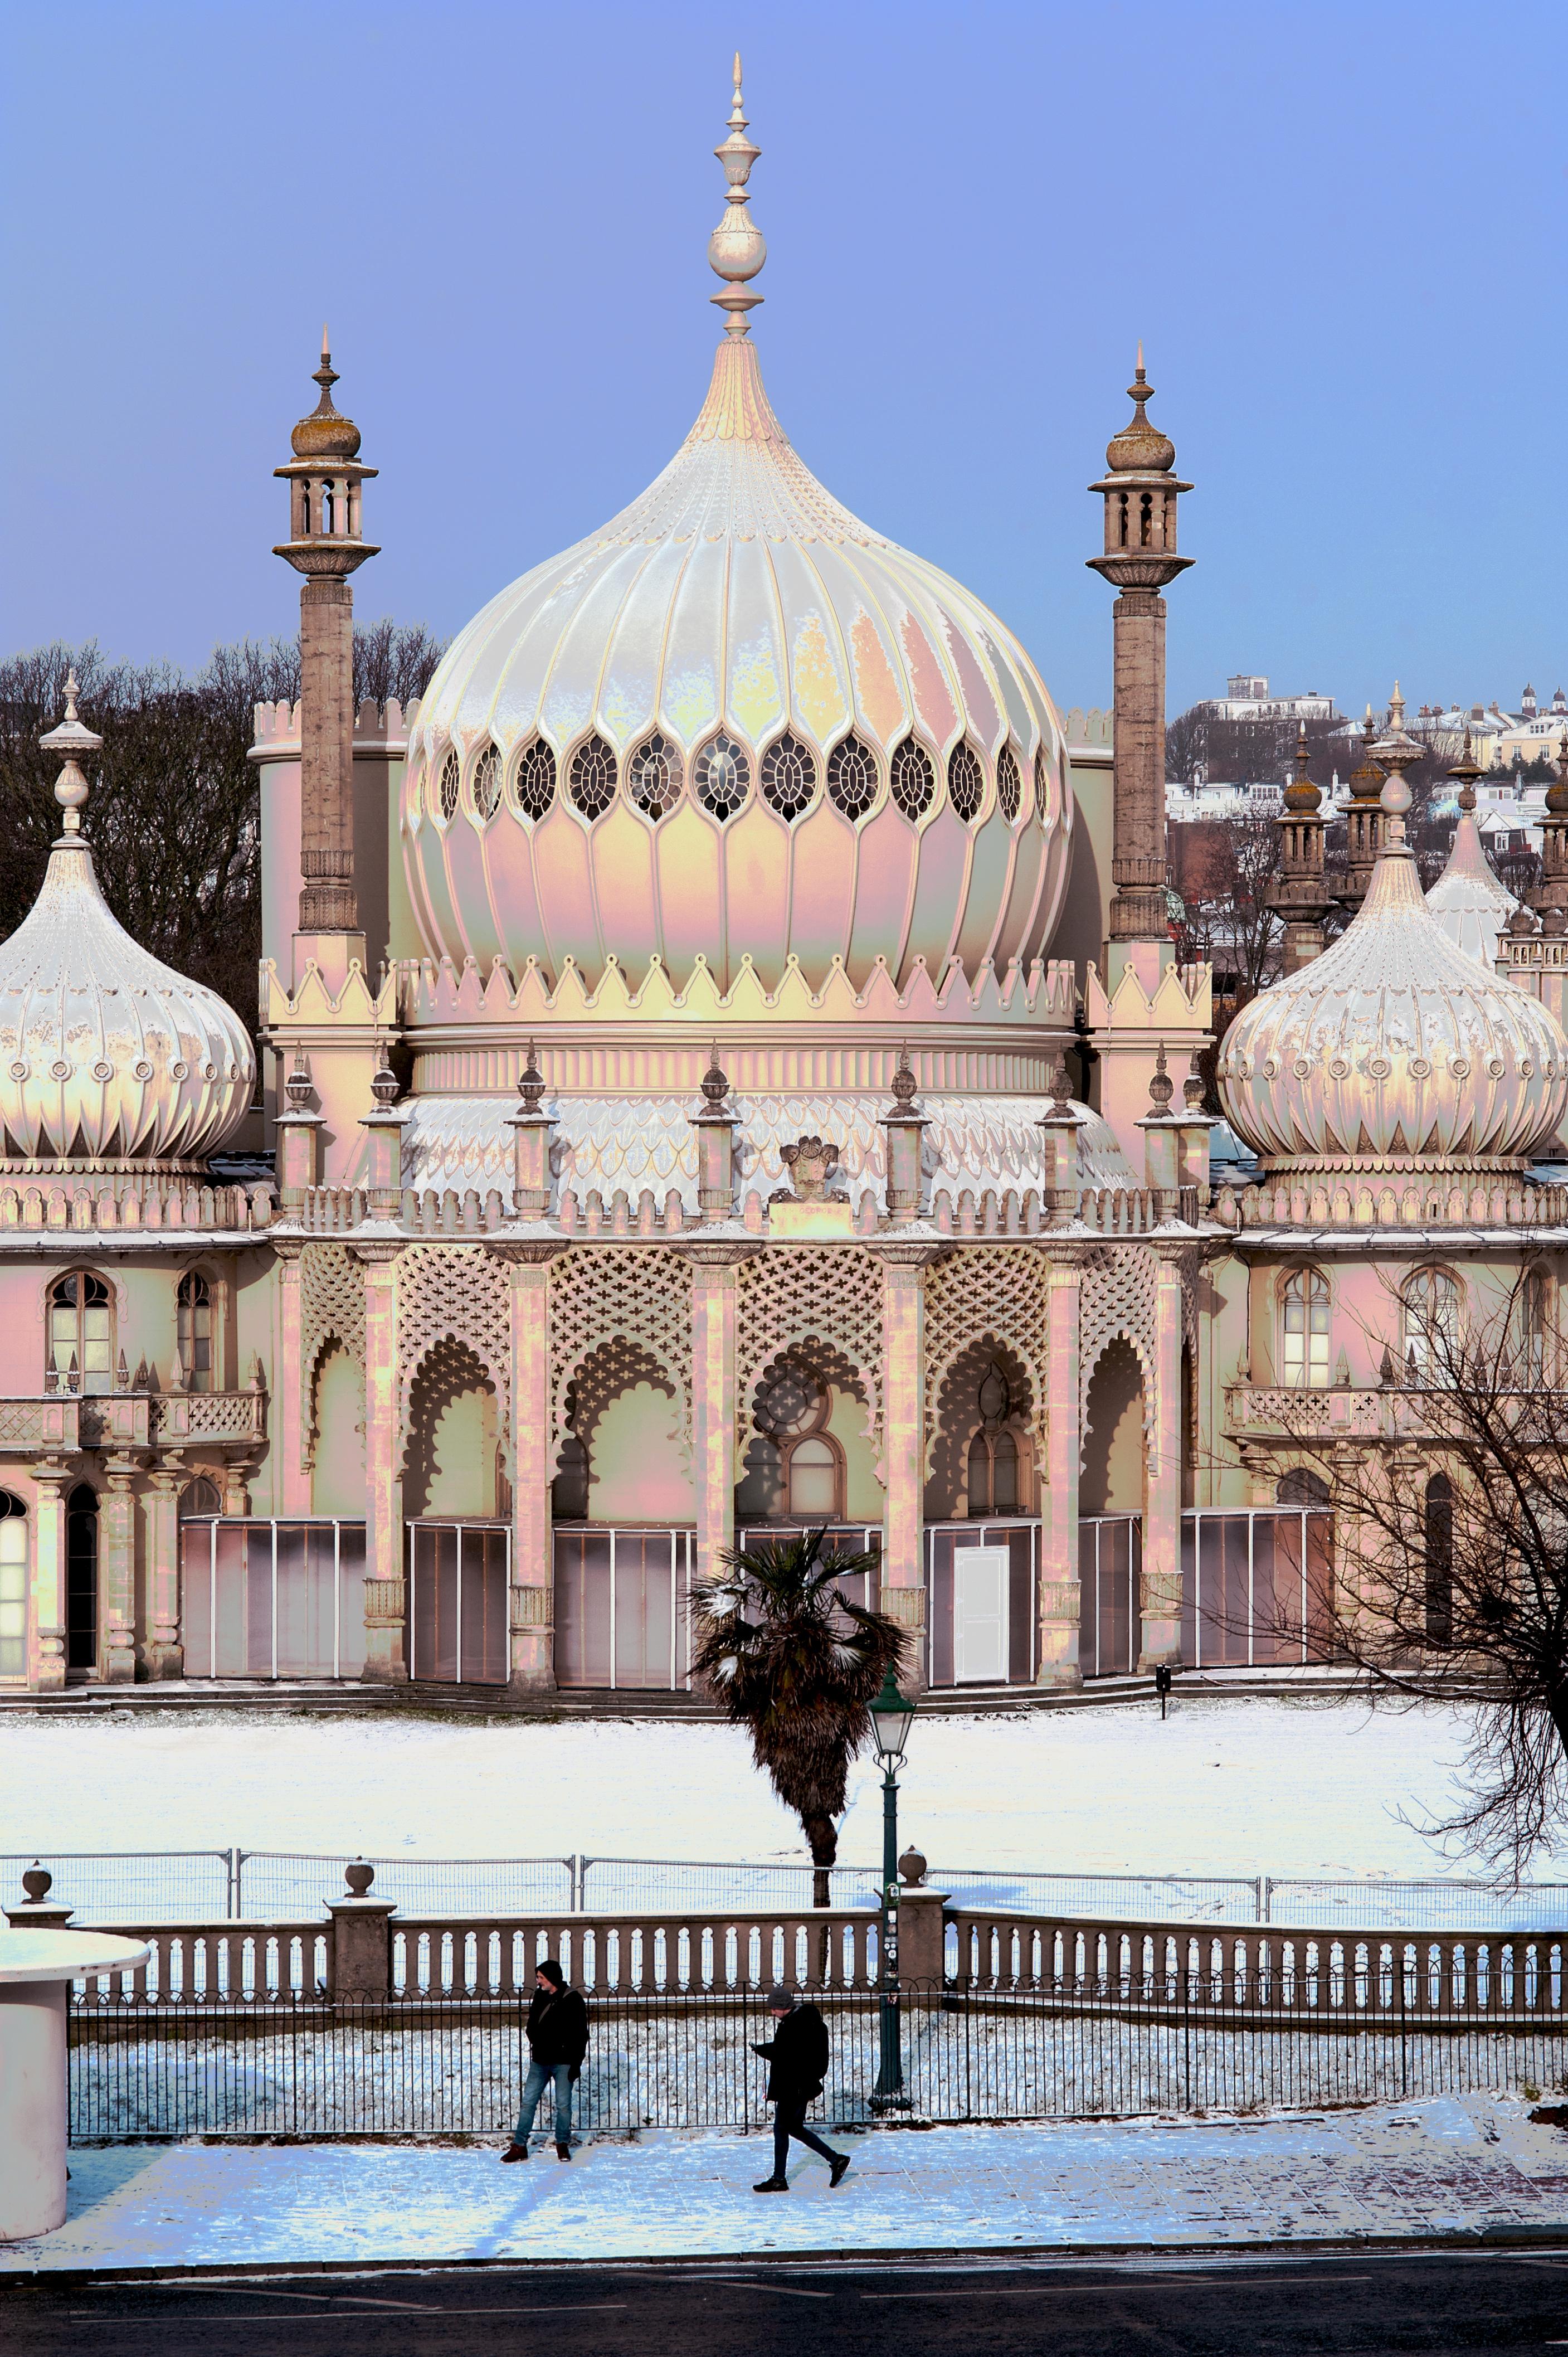 Snow Pavilion